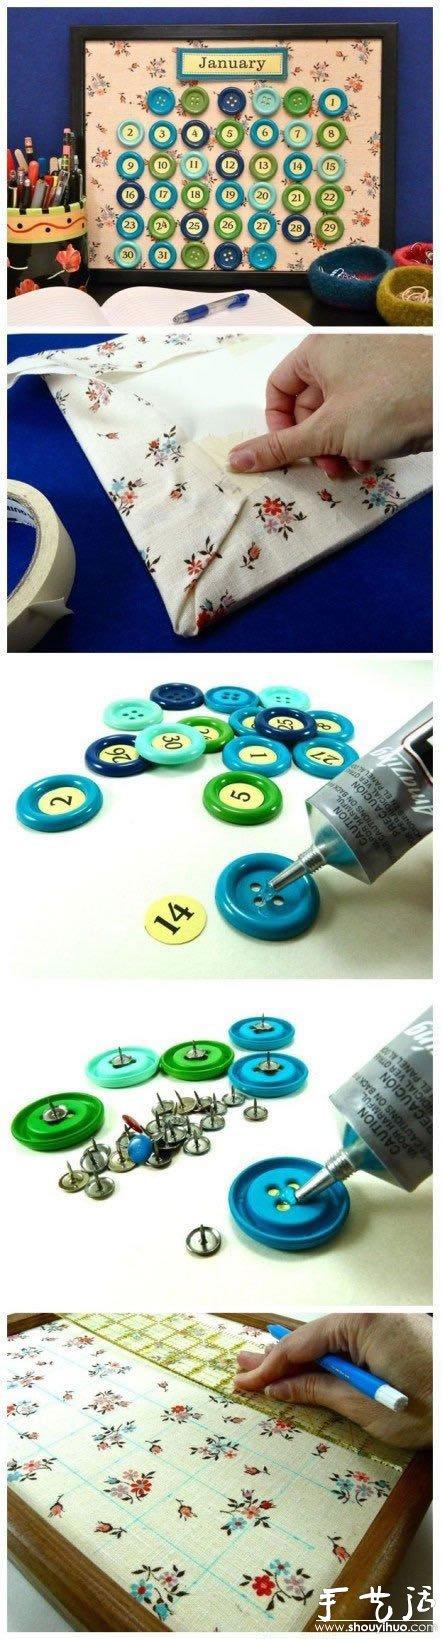 纽扣装饰画的手工制作方法